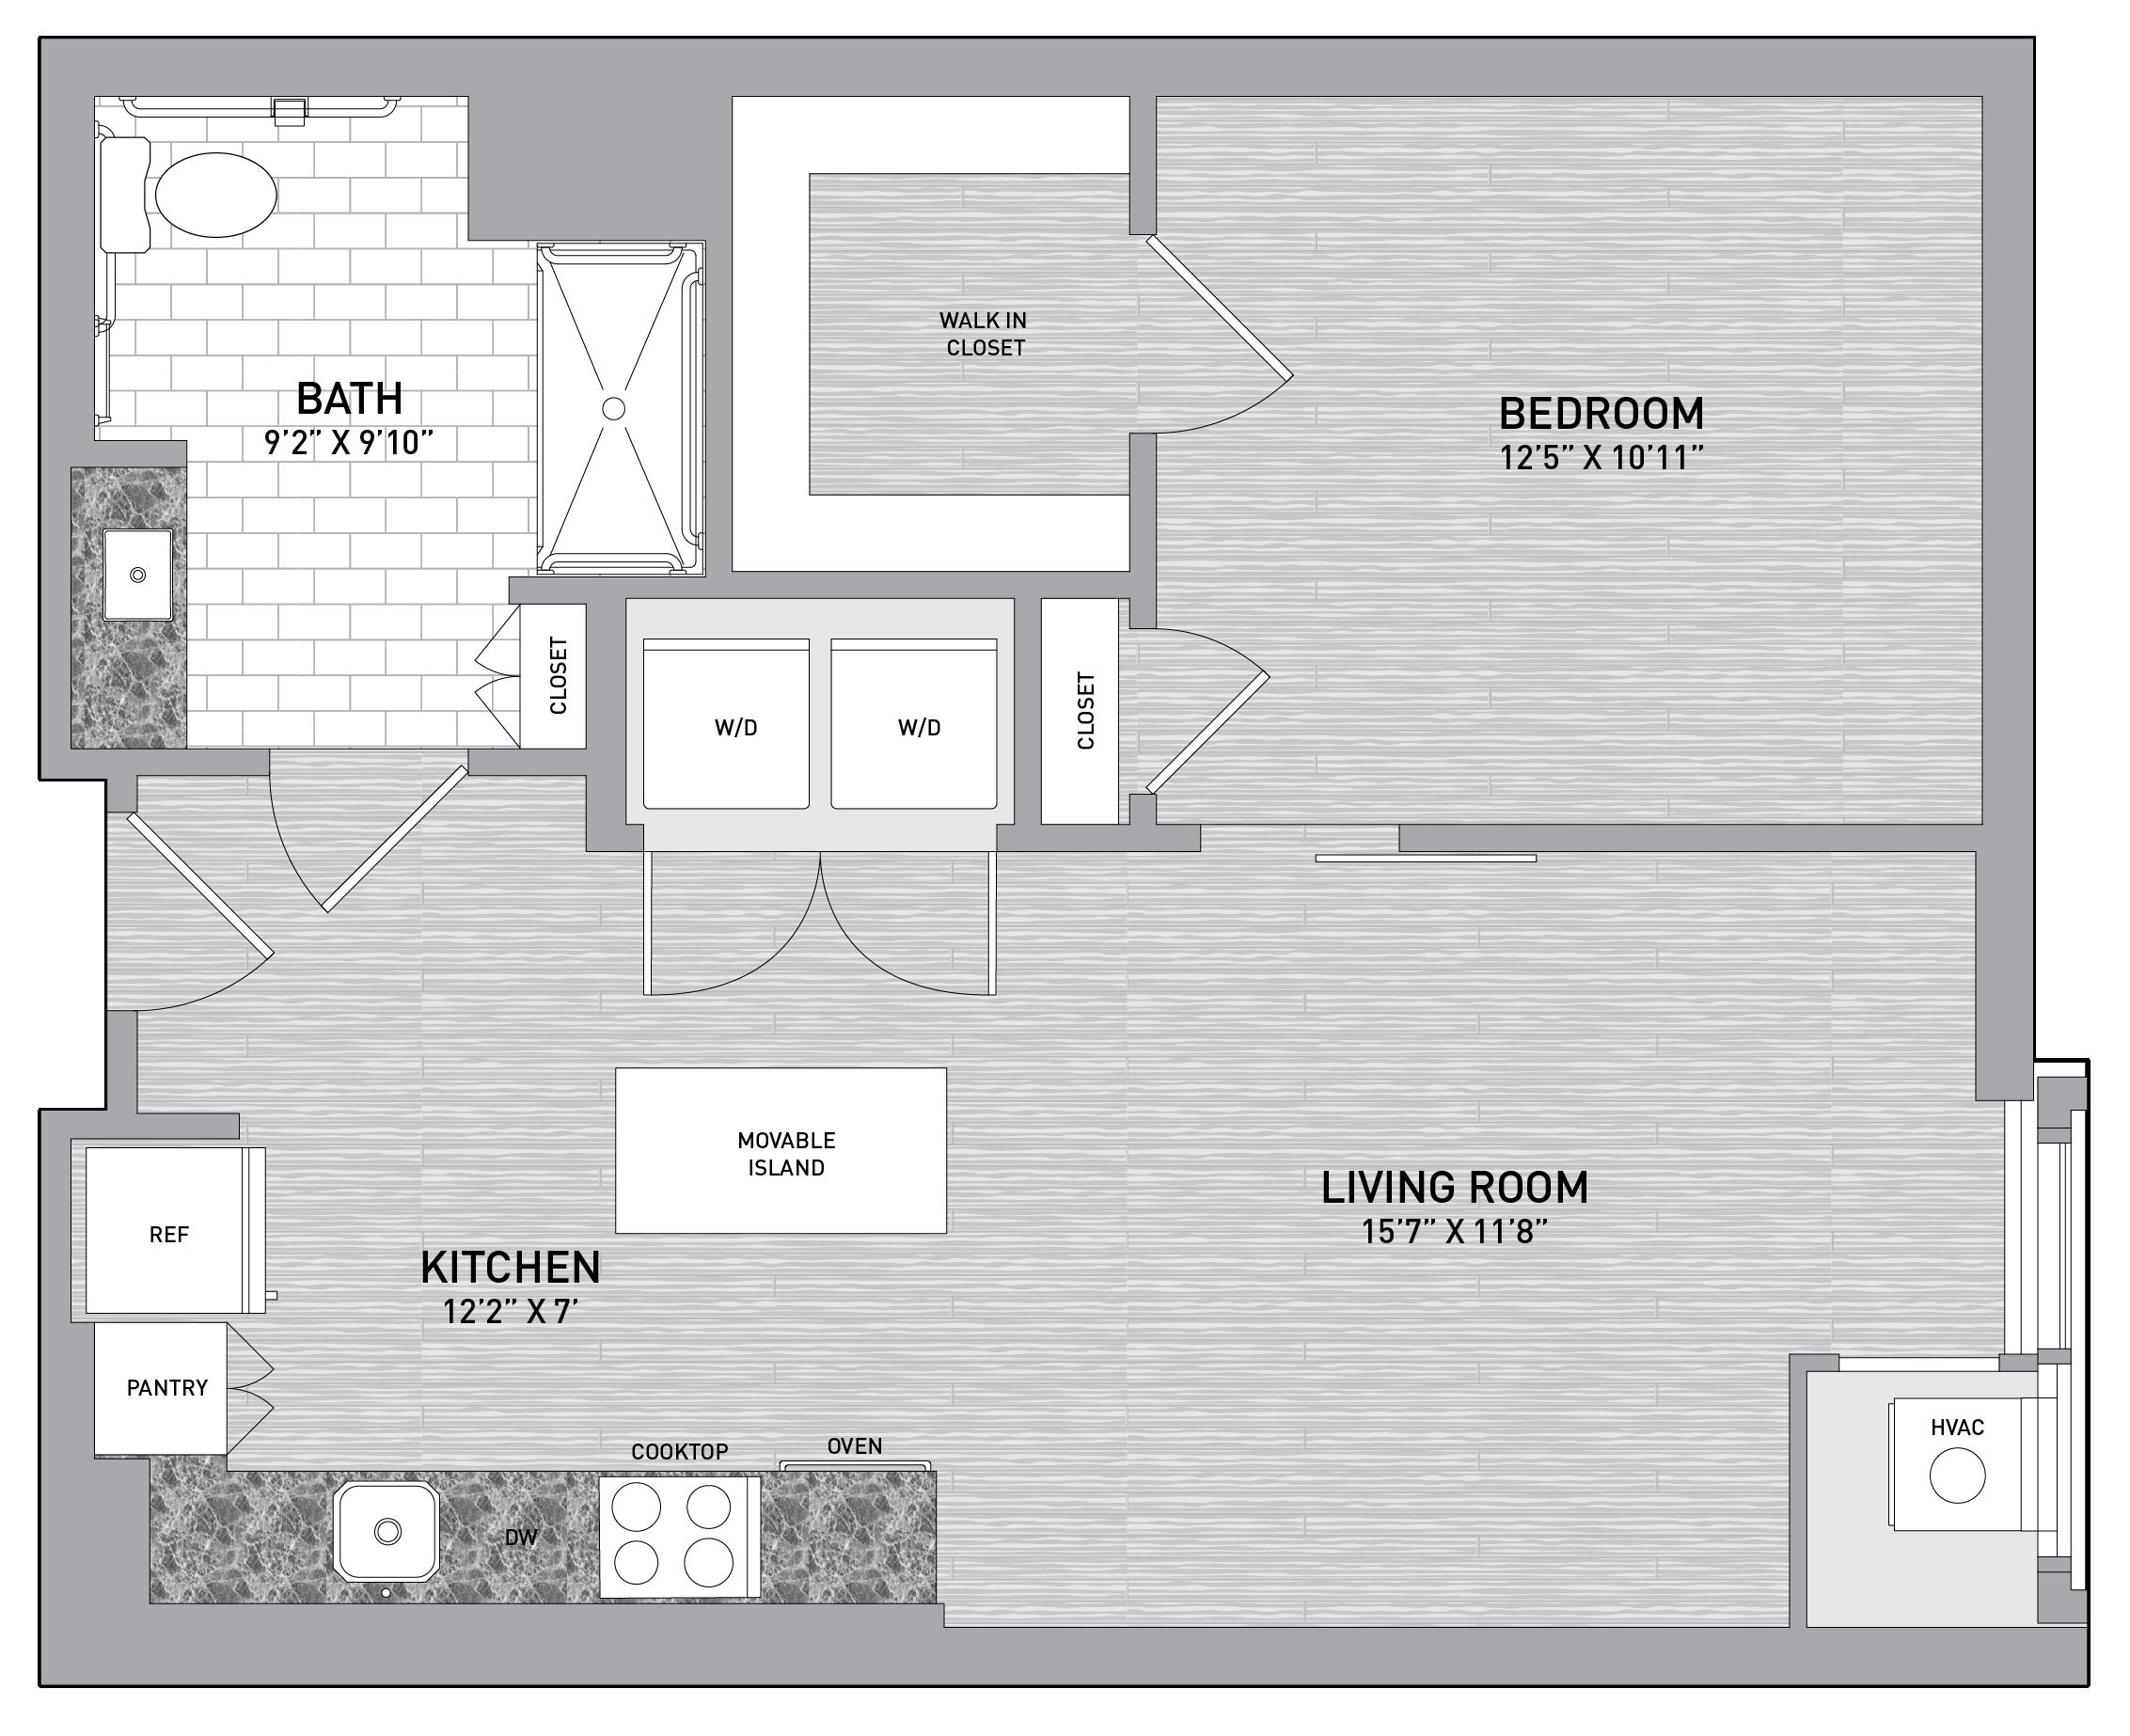 floorplan image of unit id 0421